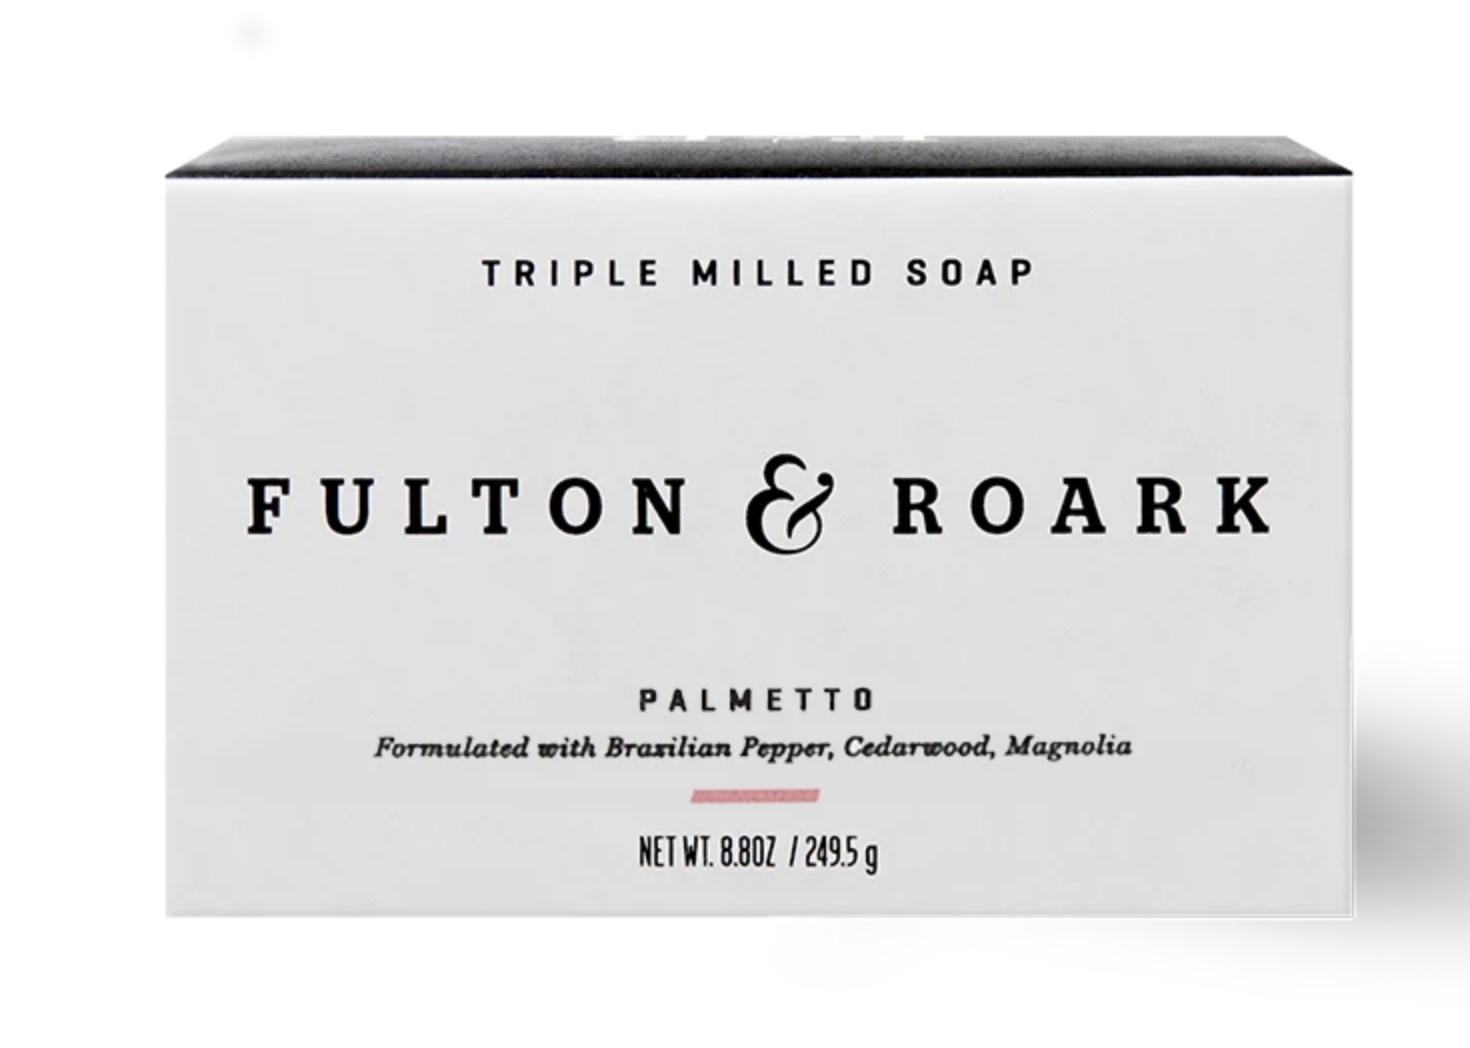 Fulton & Roark Palmetto Bar Soap